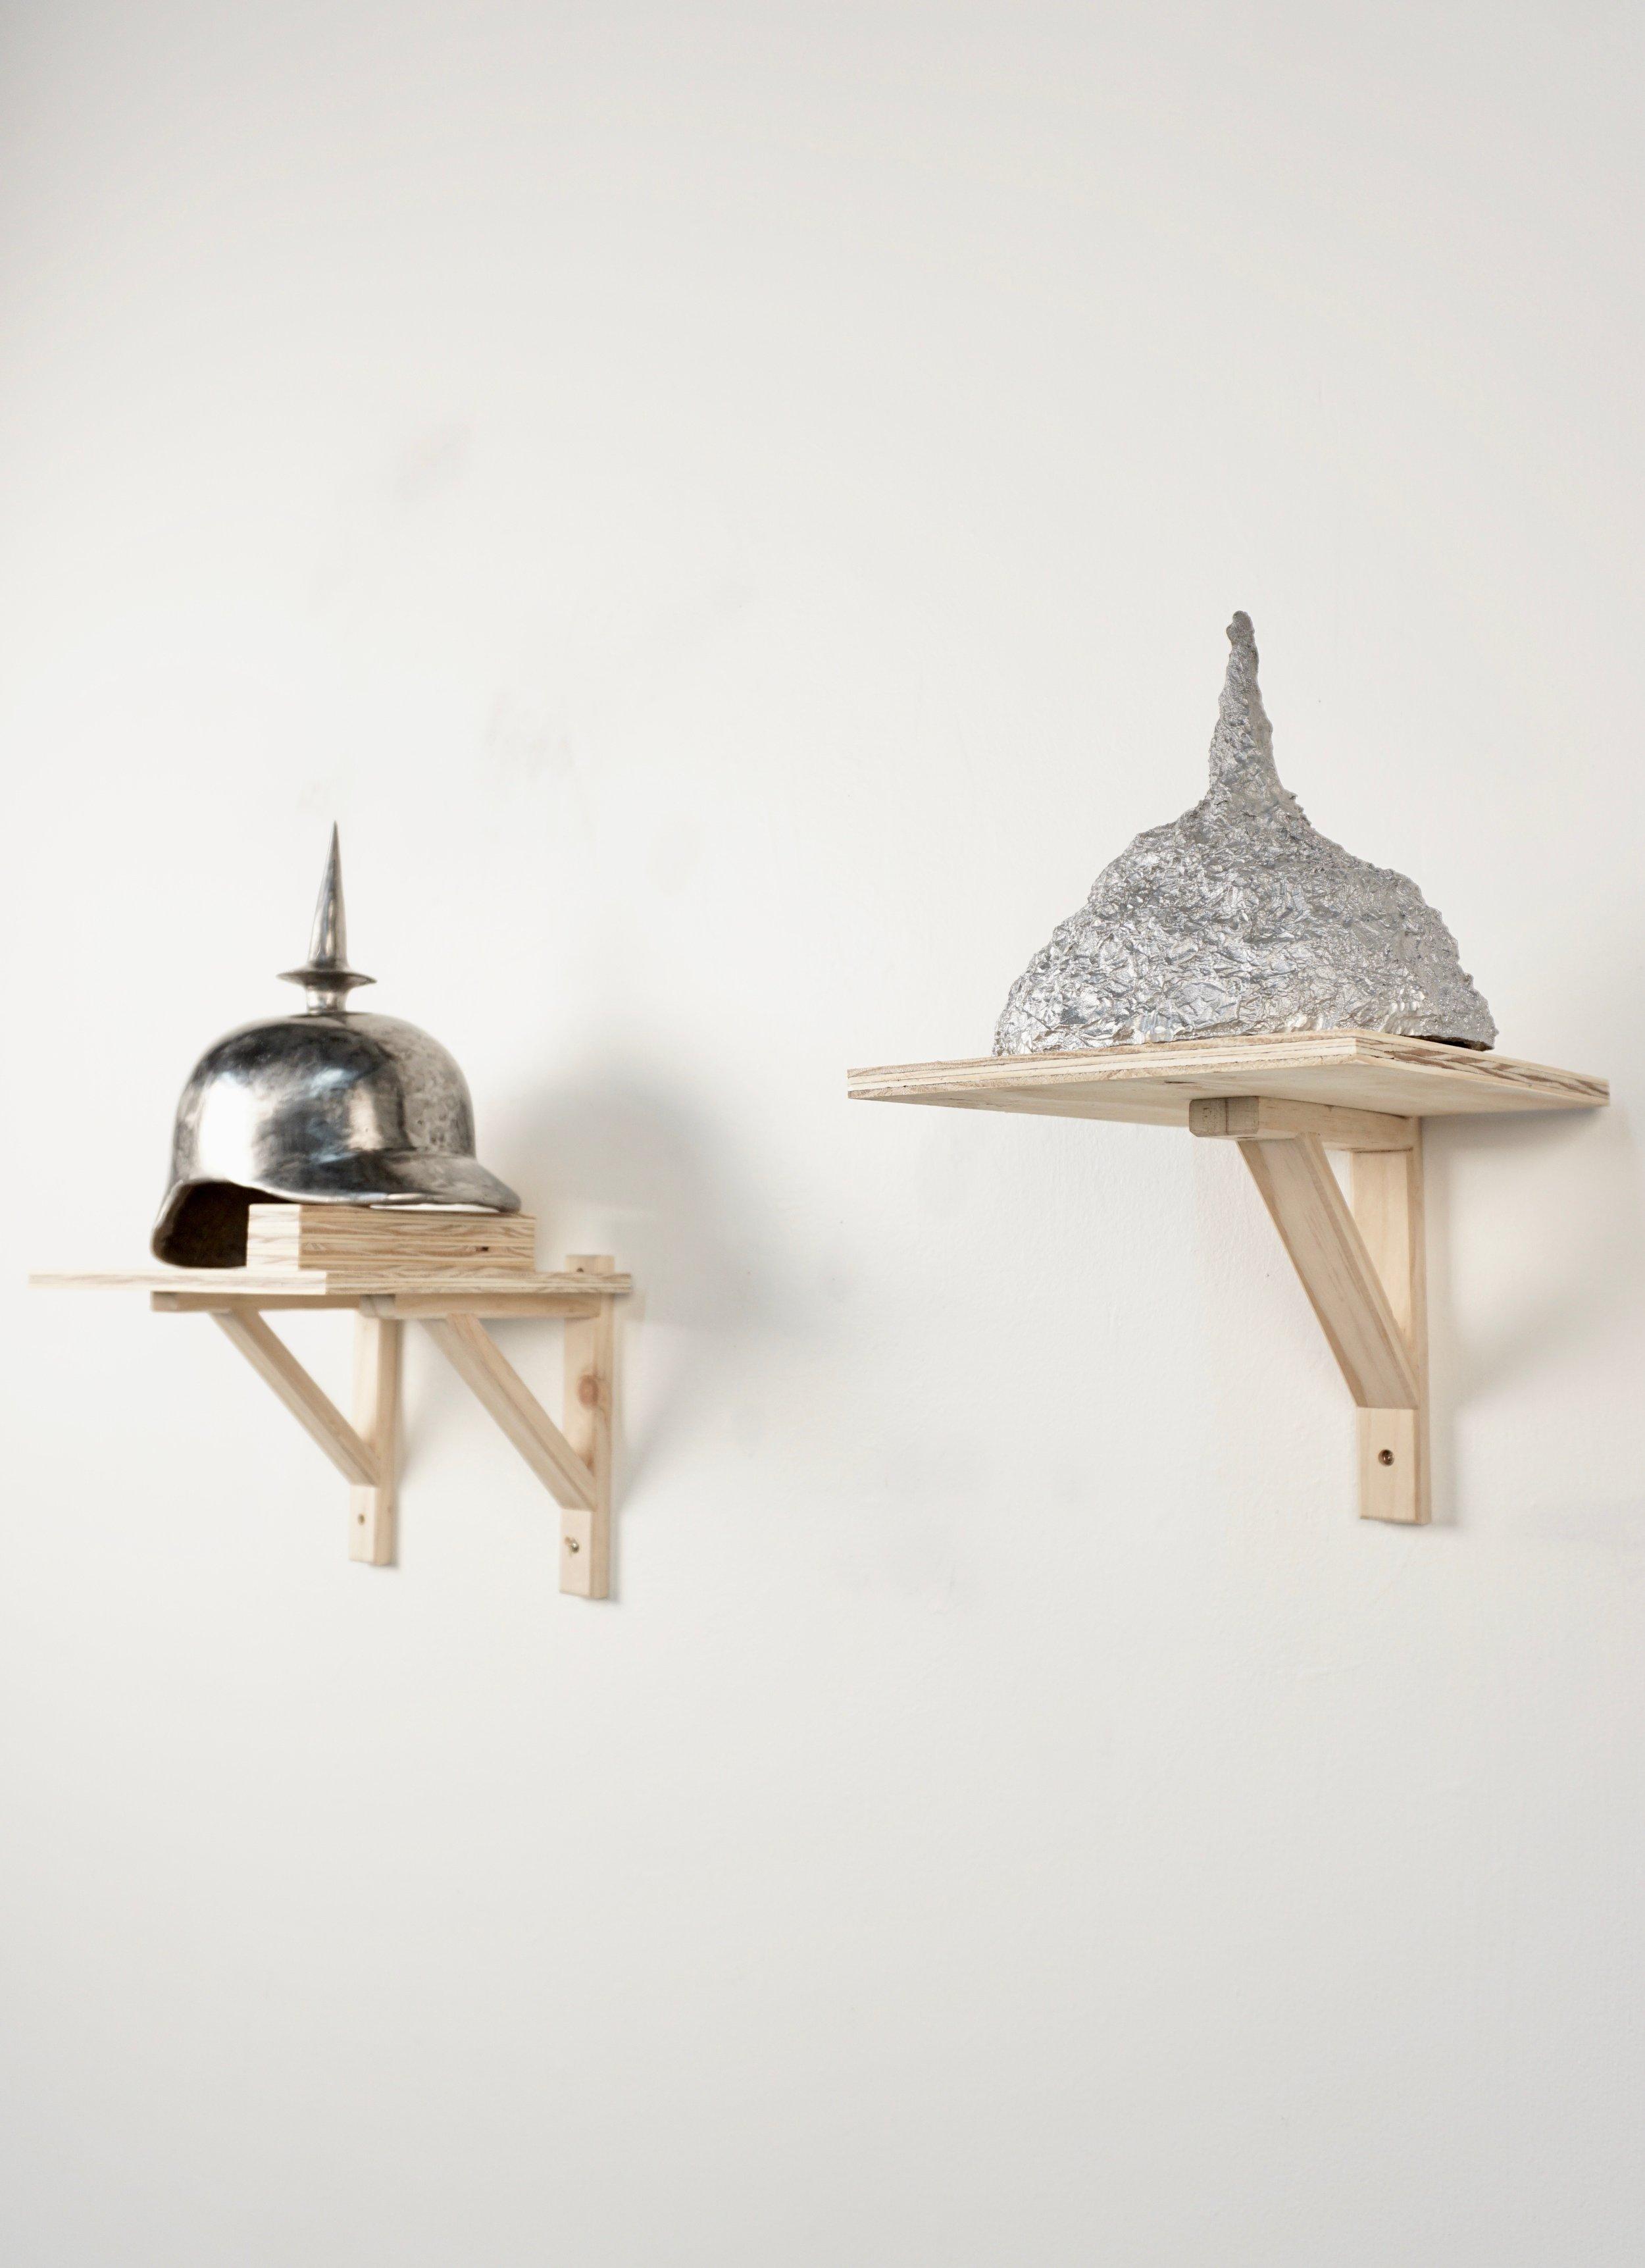 conspiracy theorie art sculpture cast aluminum tin foil hat.jpg